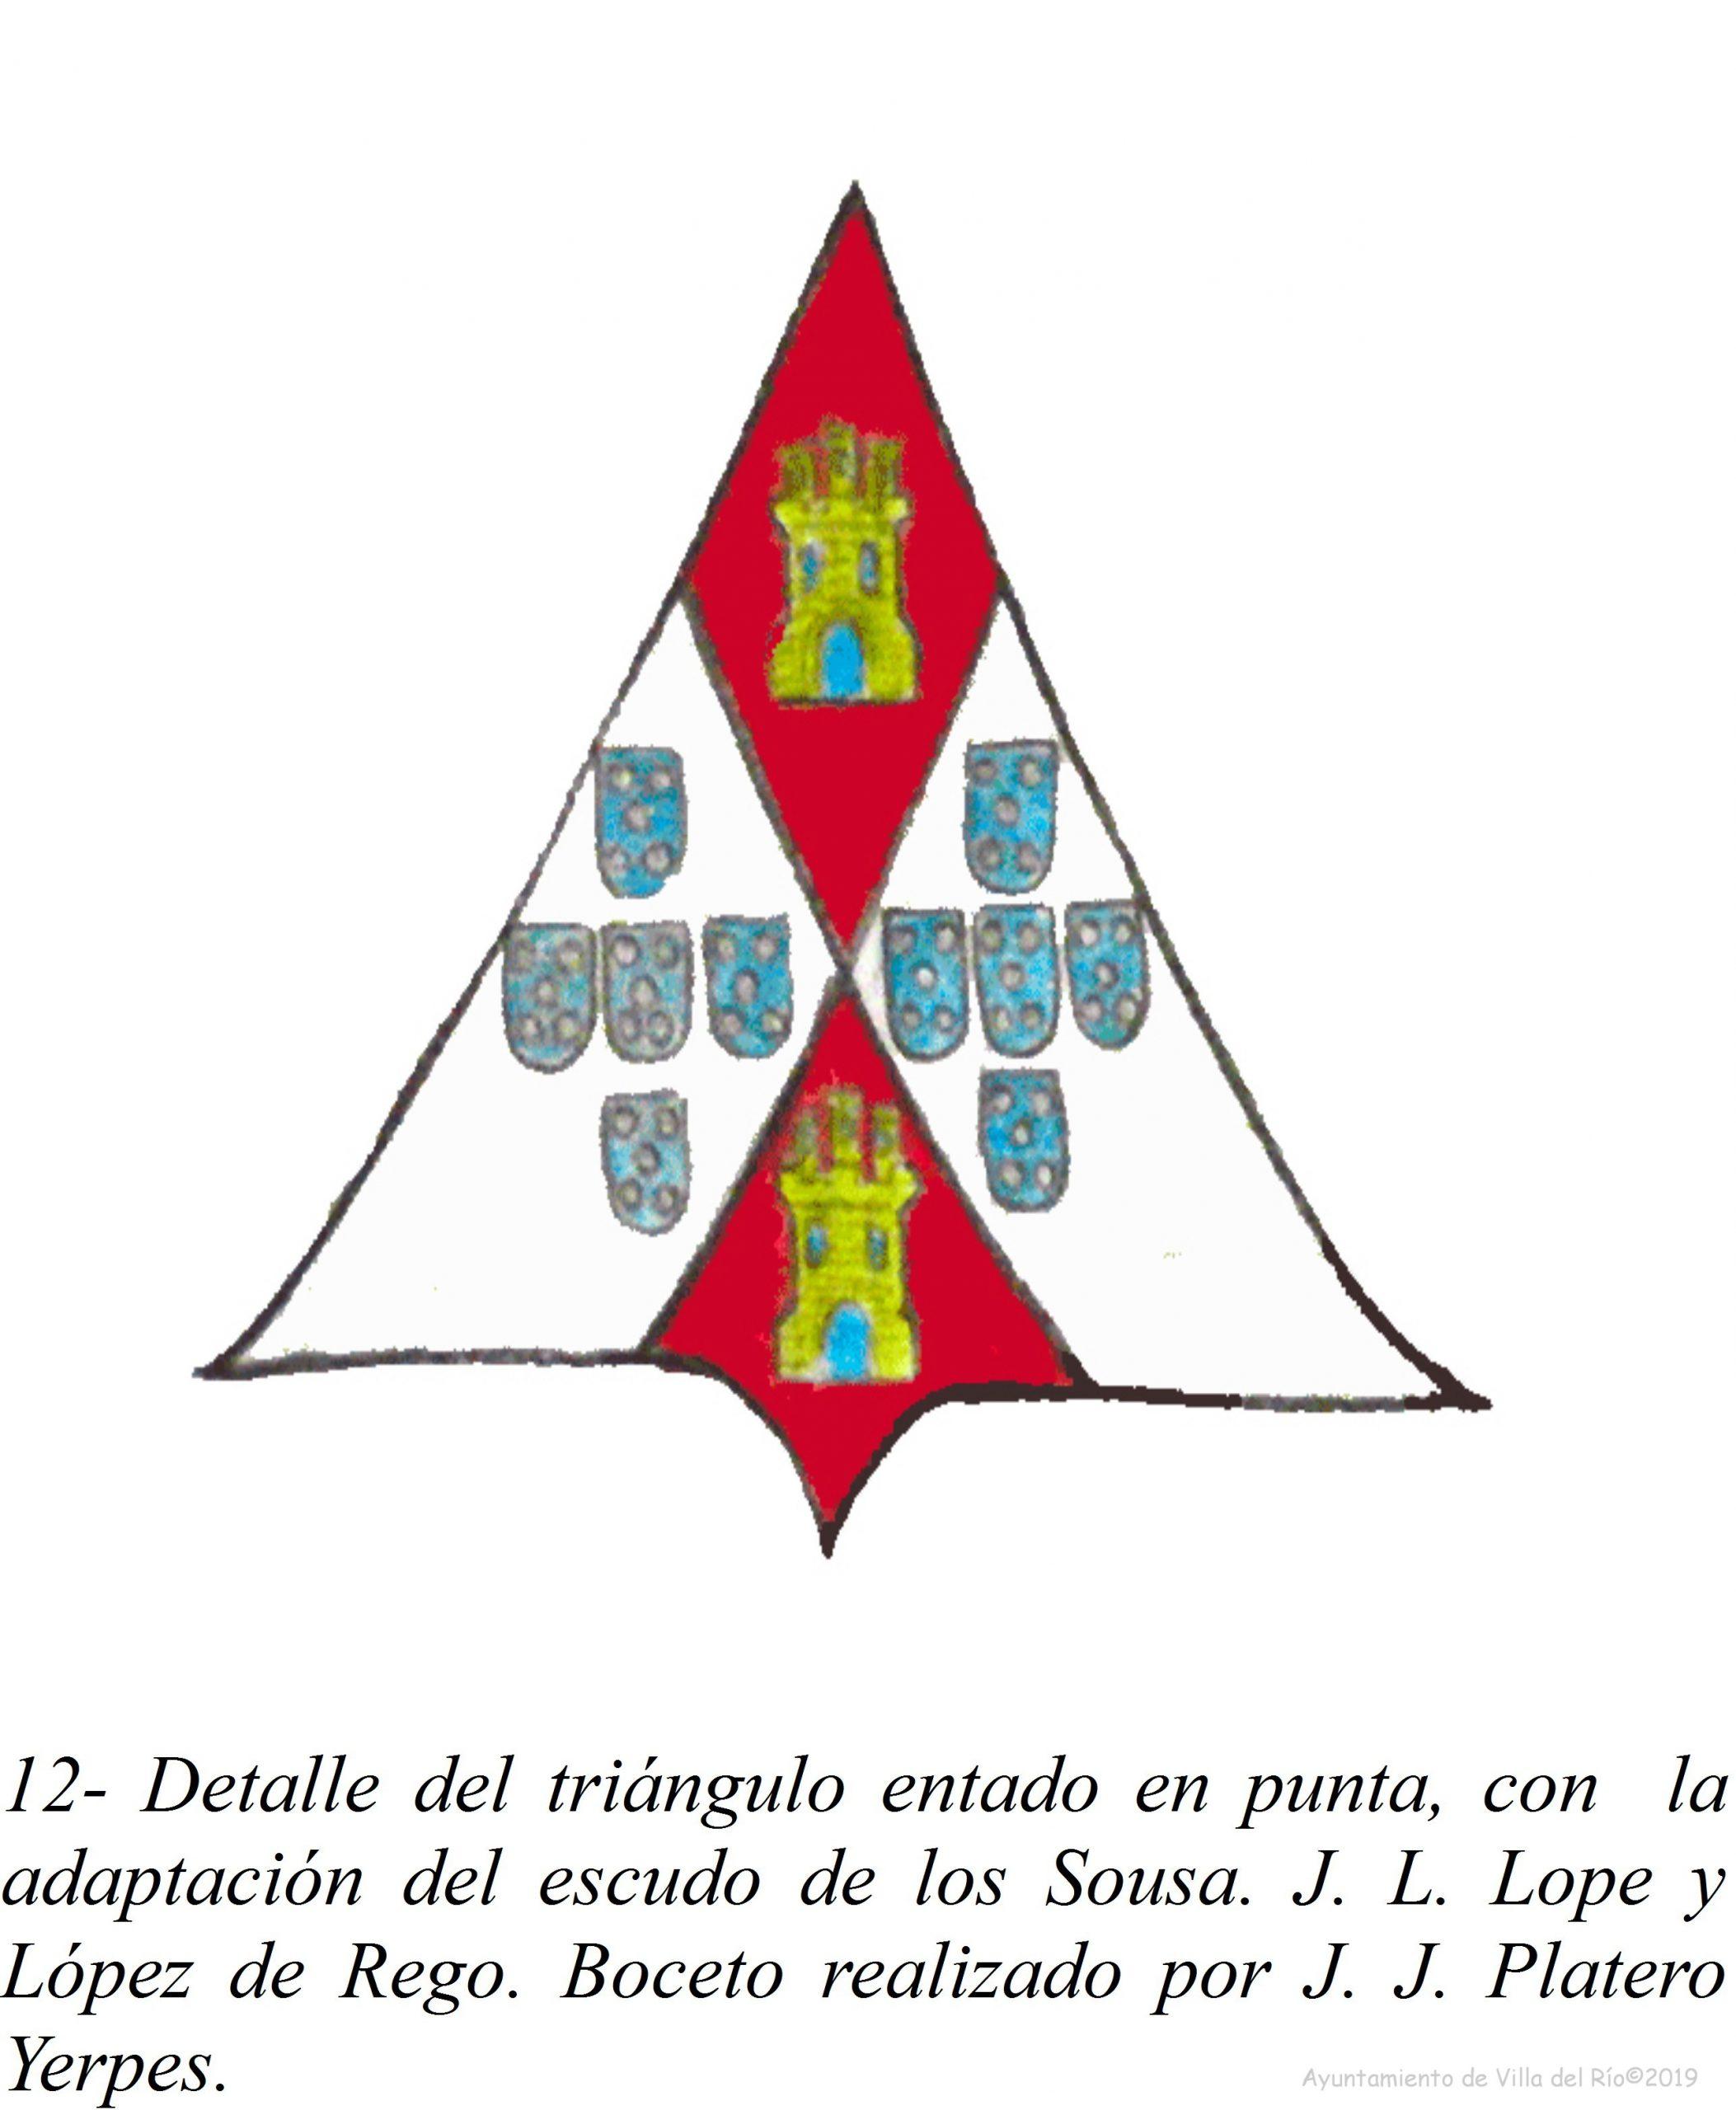 Triángulo entado en punta